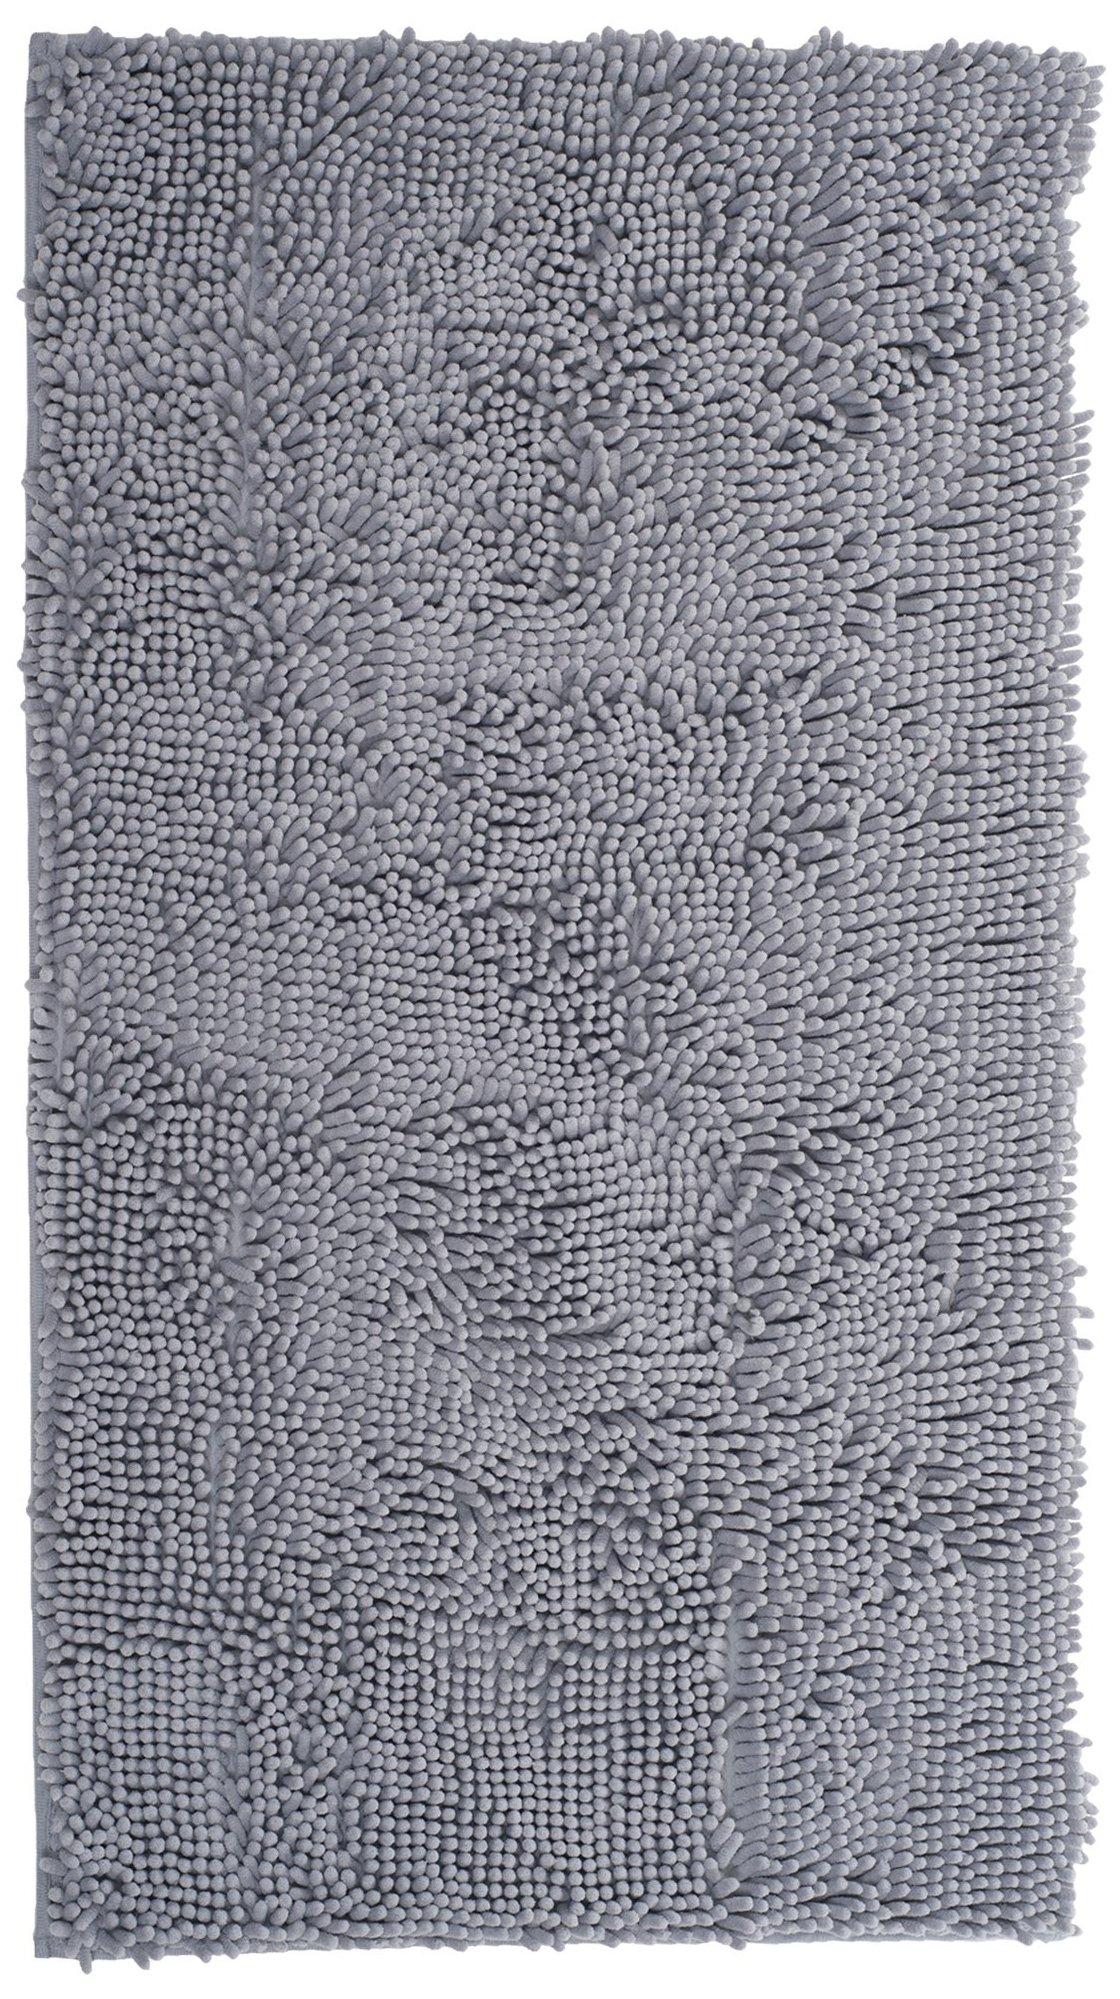 Lavish Home High Pile Shag Rug Carpet, 21 x 36, Grey